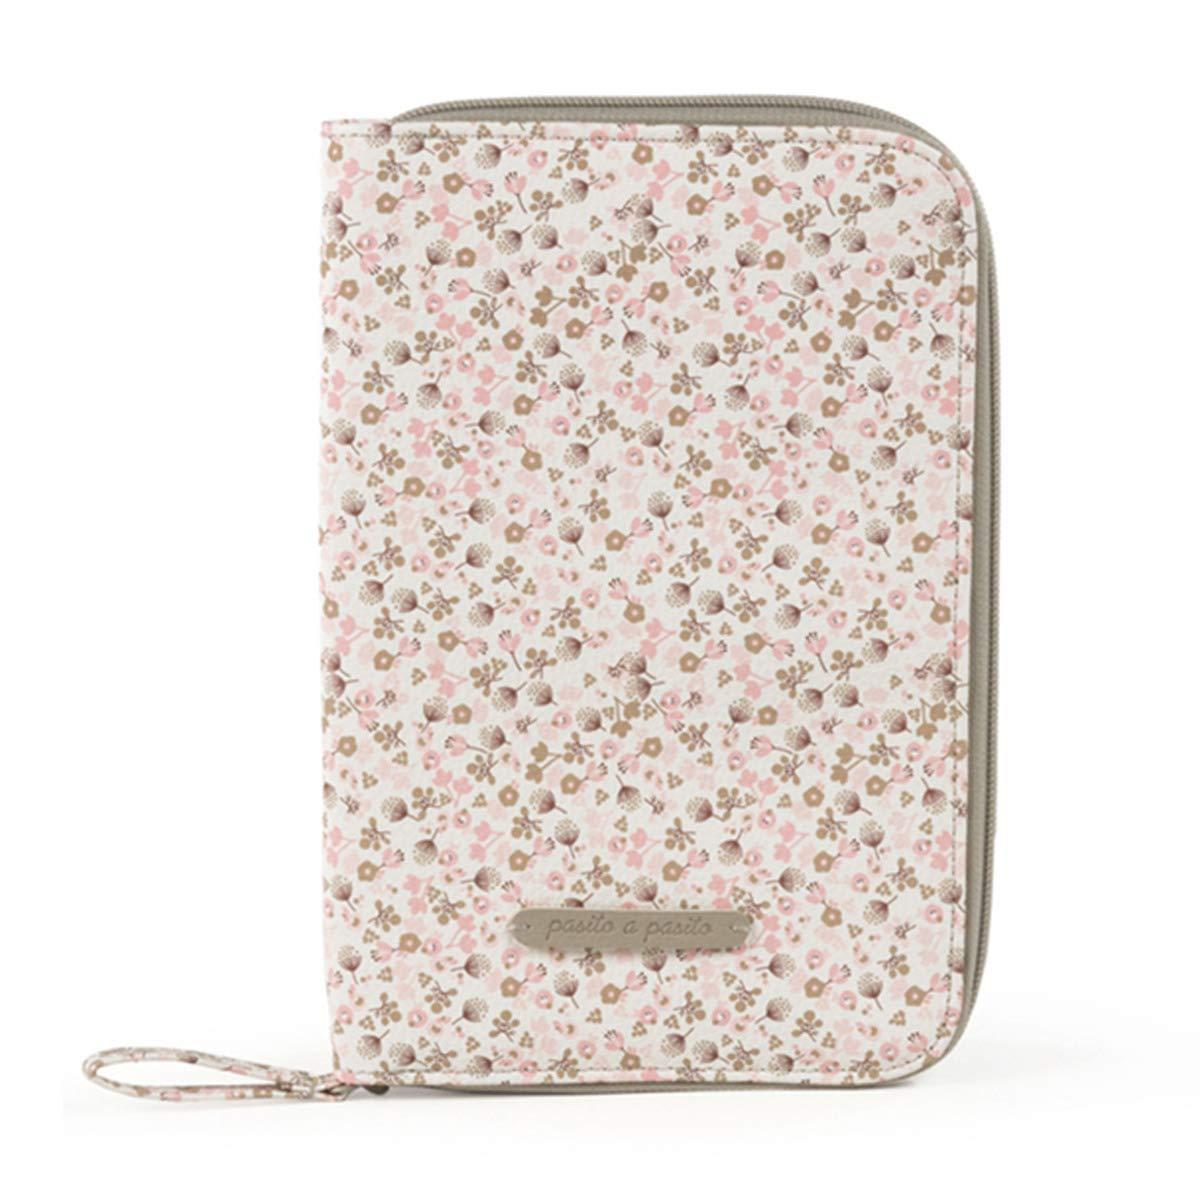 Pasito a pasito Bouquet color rosa Libro de nacimiento ni/ñas